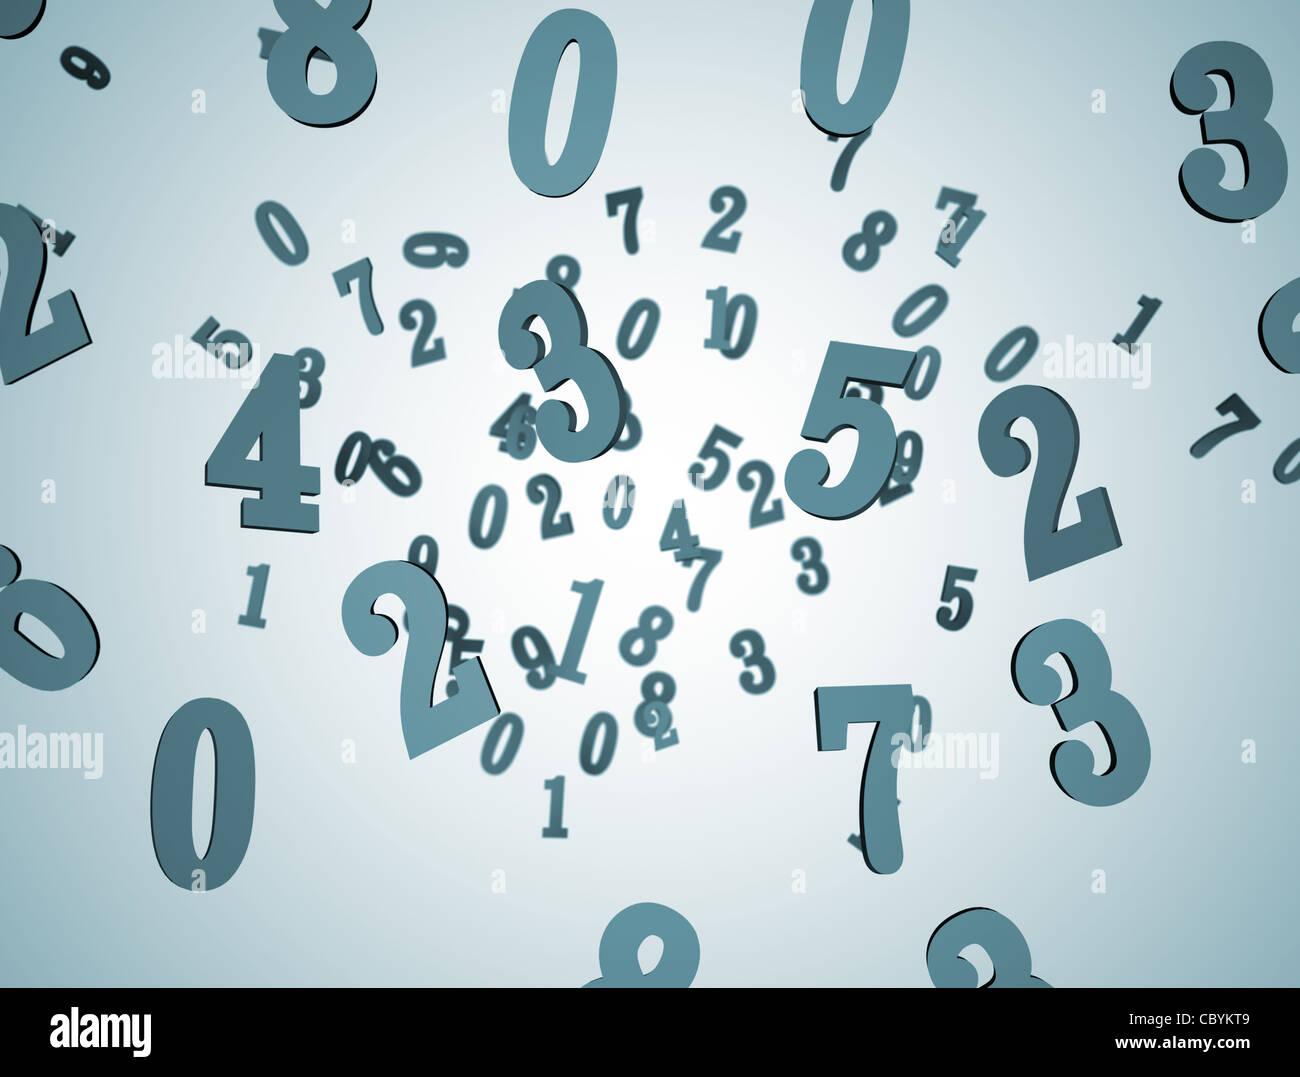 Antecedentes Los números 3D Imagen De Stock